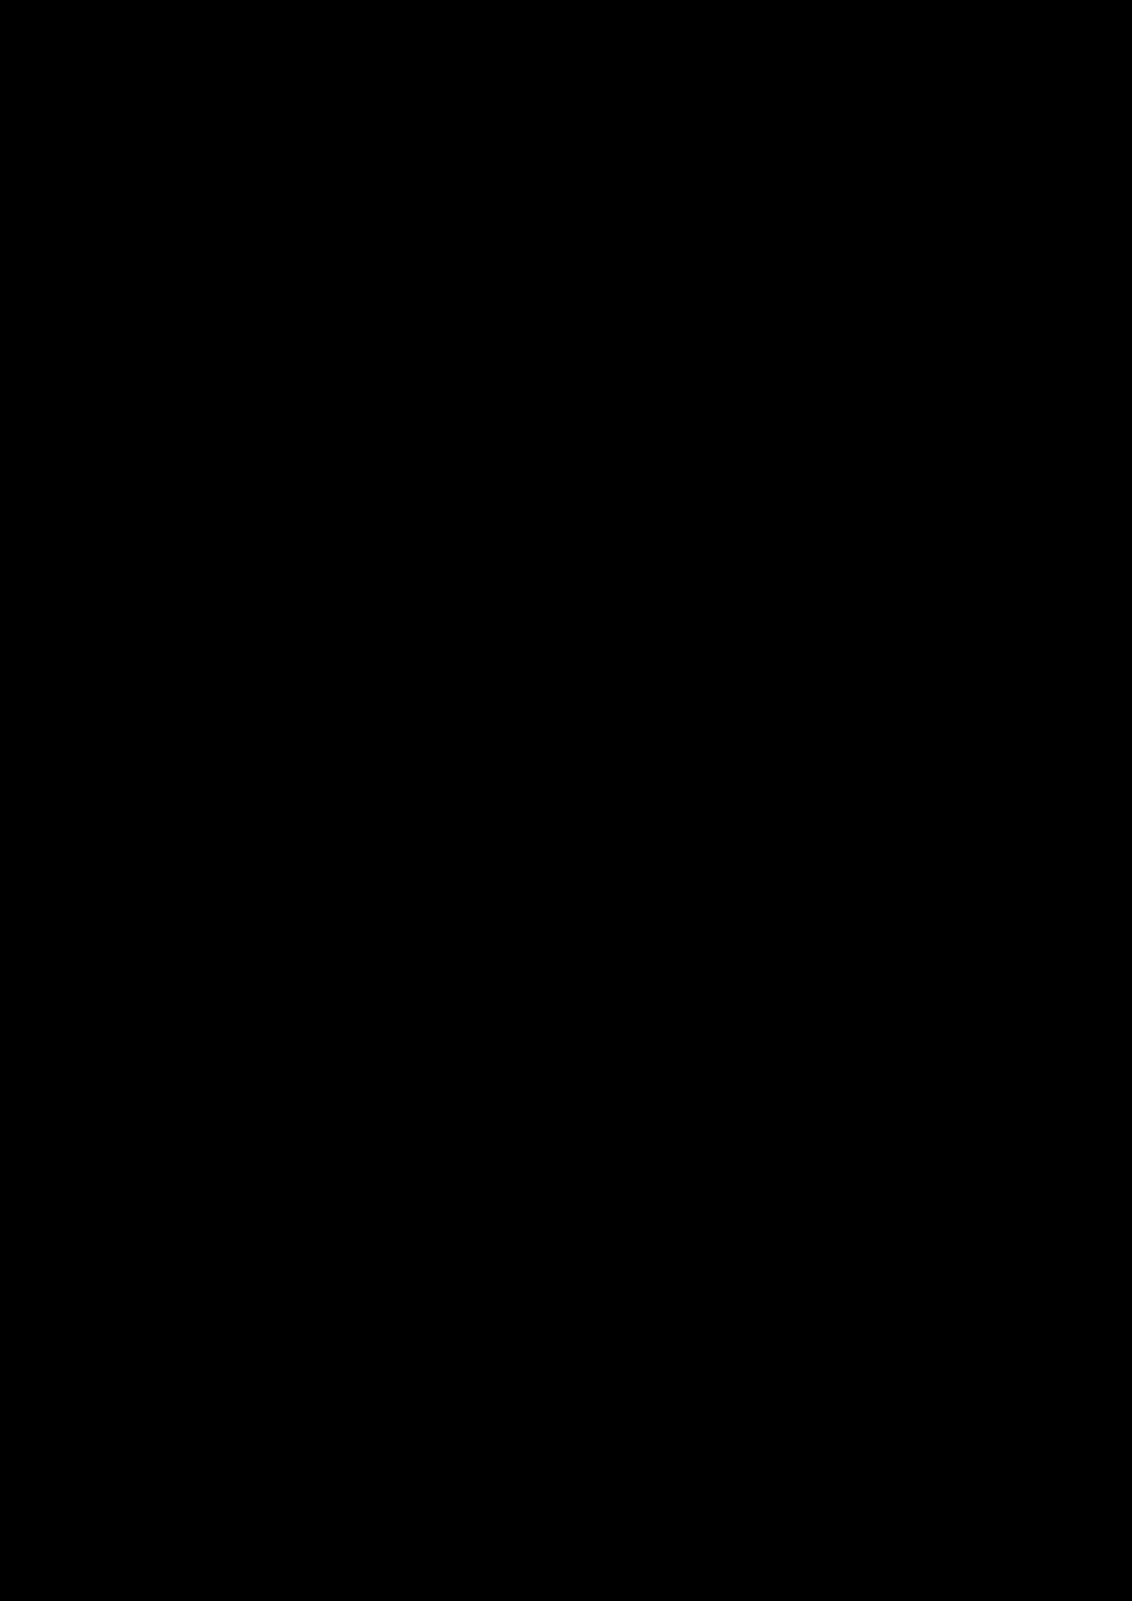 Proschanie s volshebnoy stranoy slide, Image 63